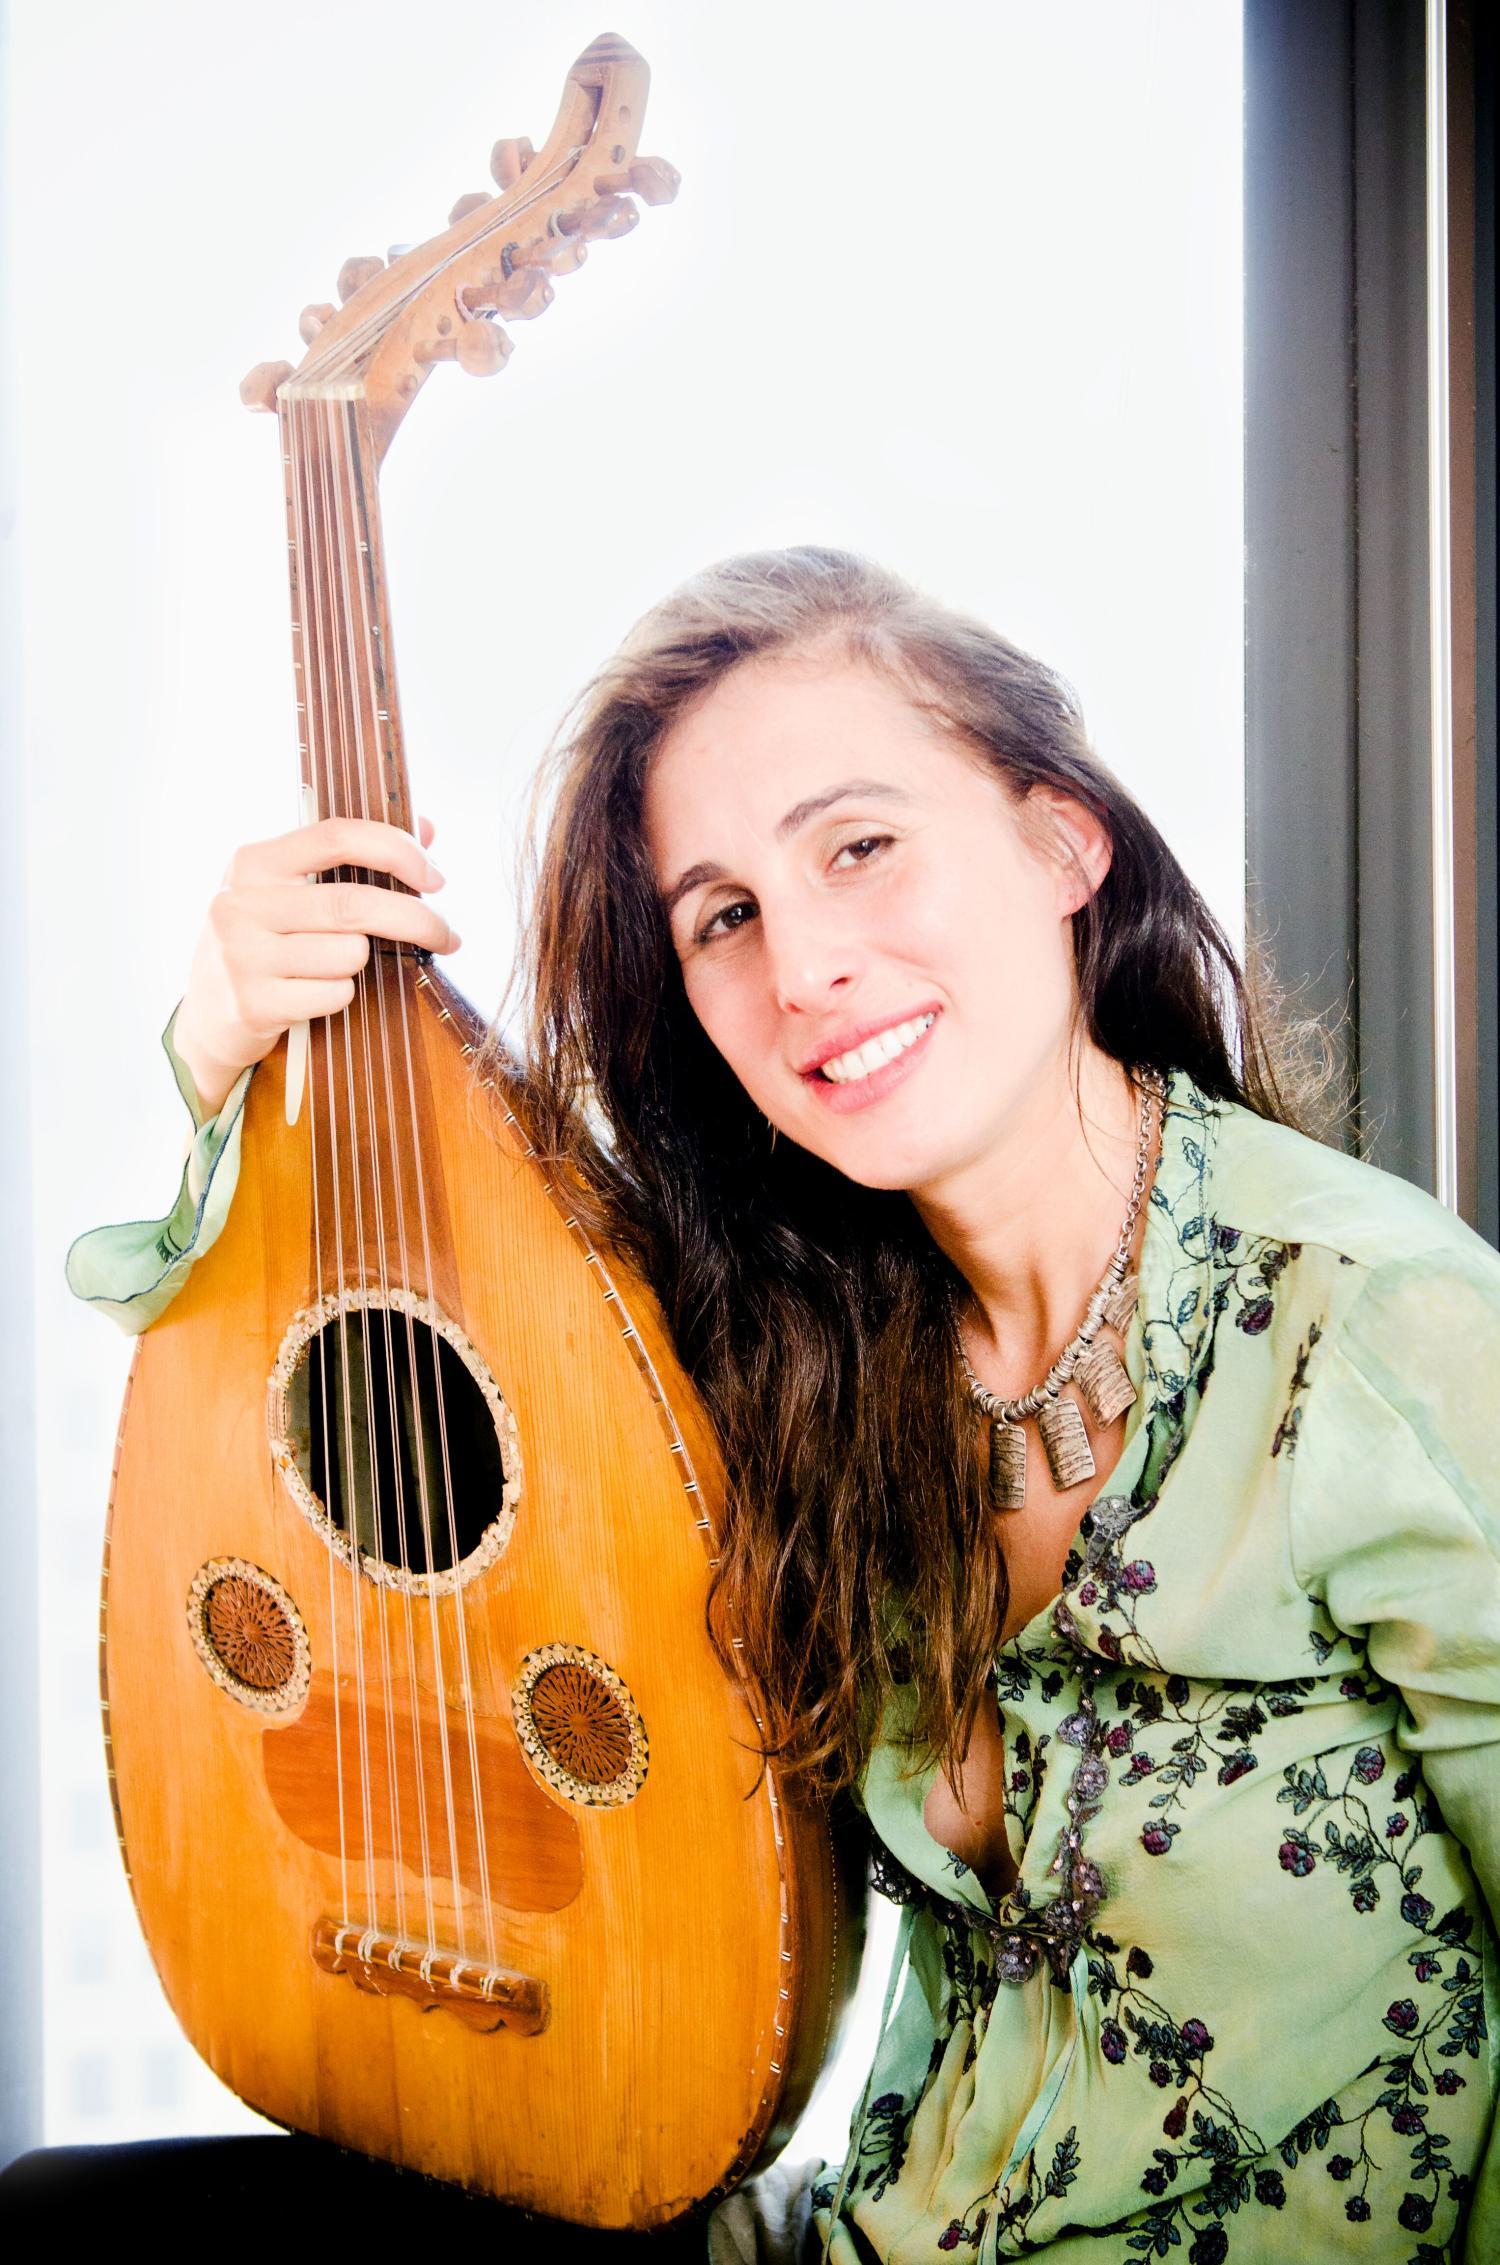 Basya Schechter holding an instrument